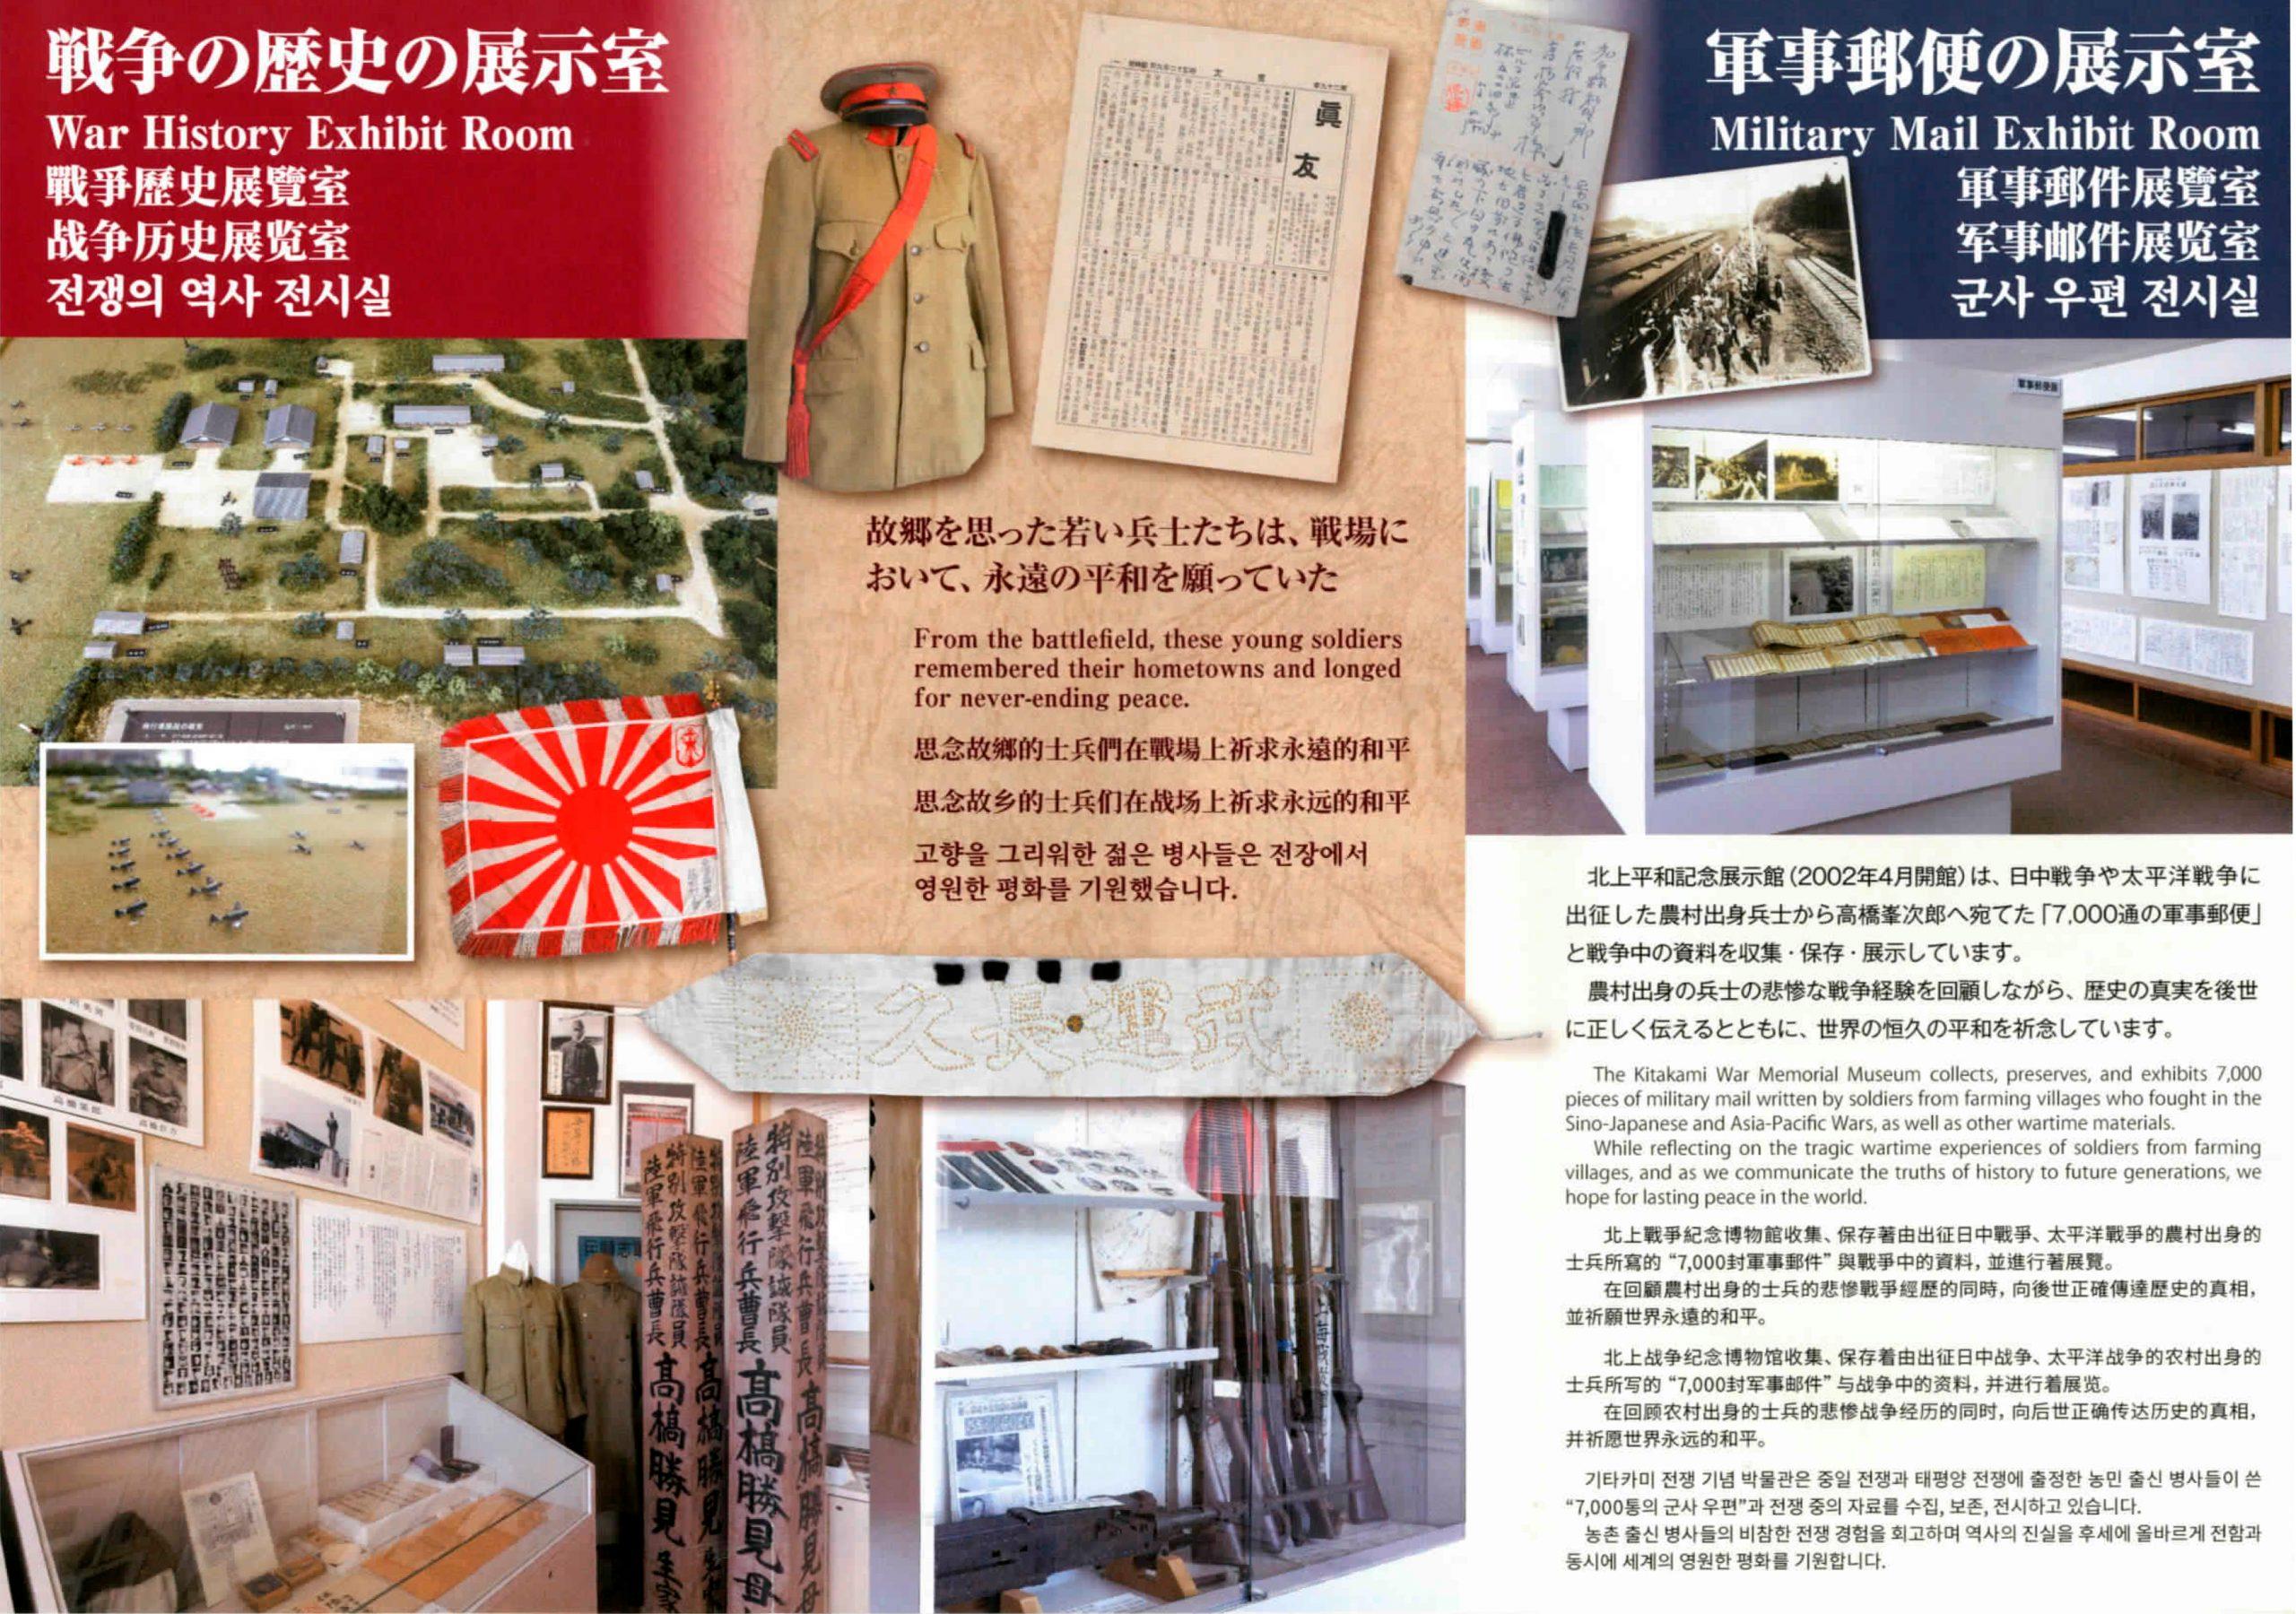 北上平和記念展示館:パンフレット